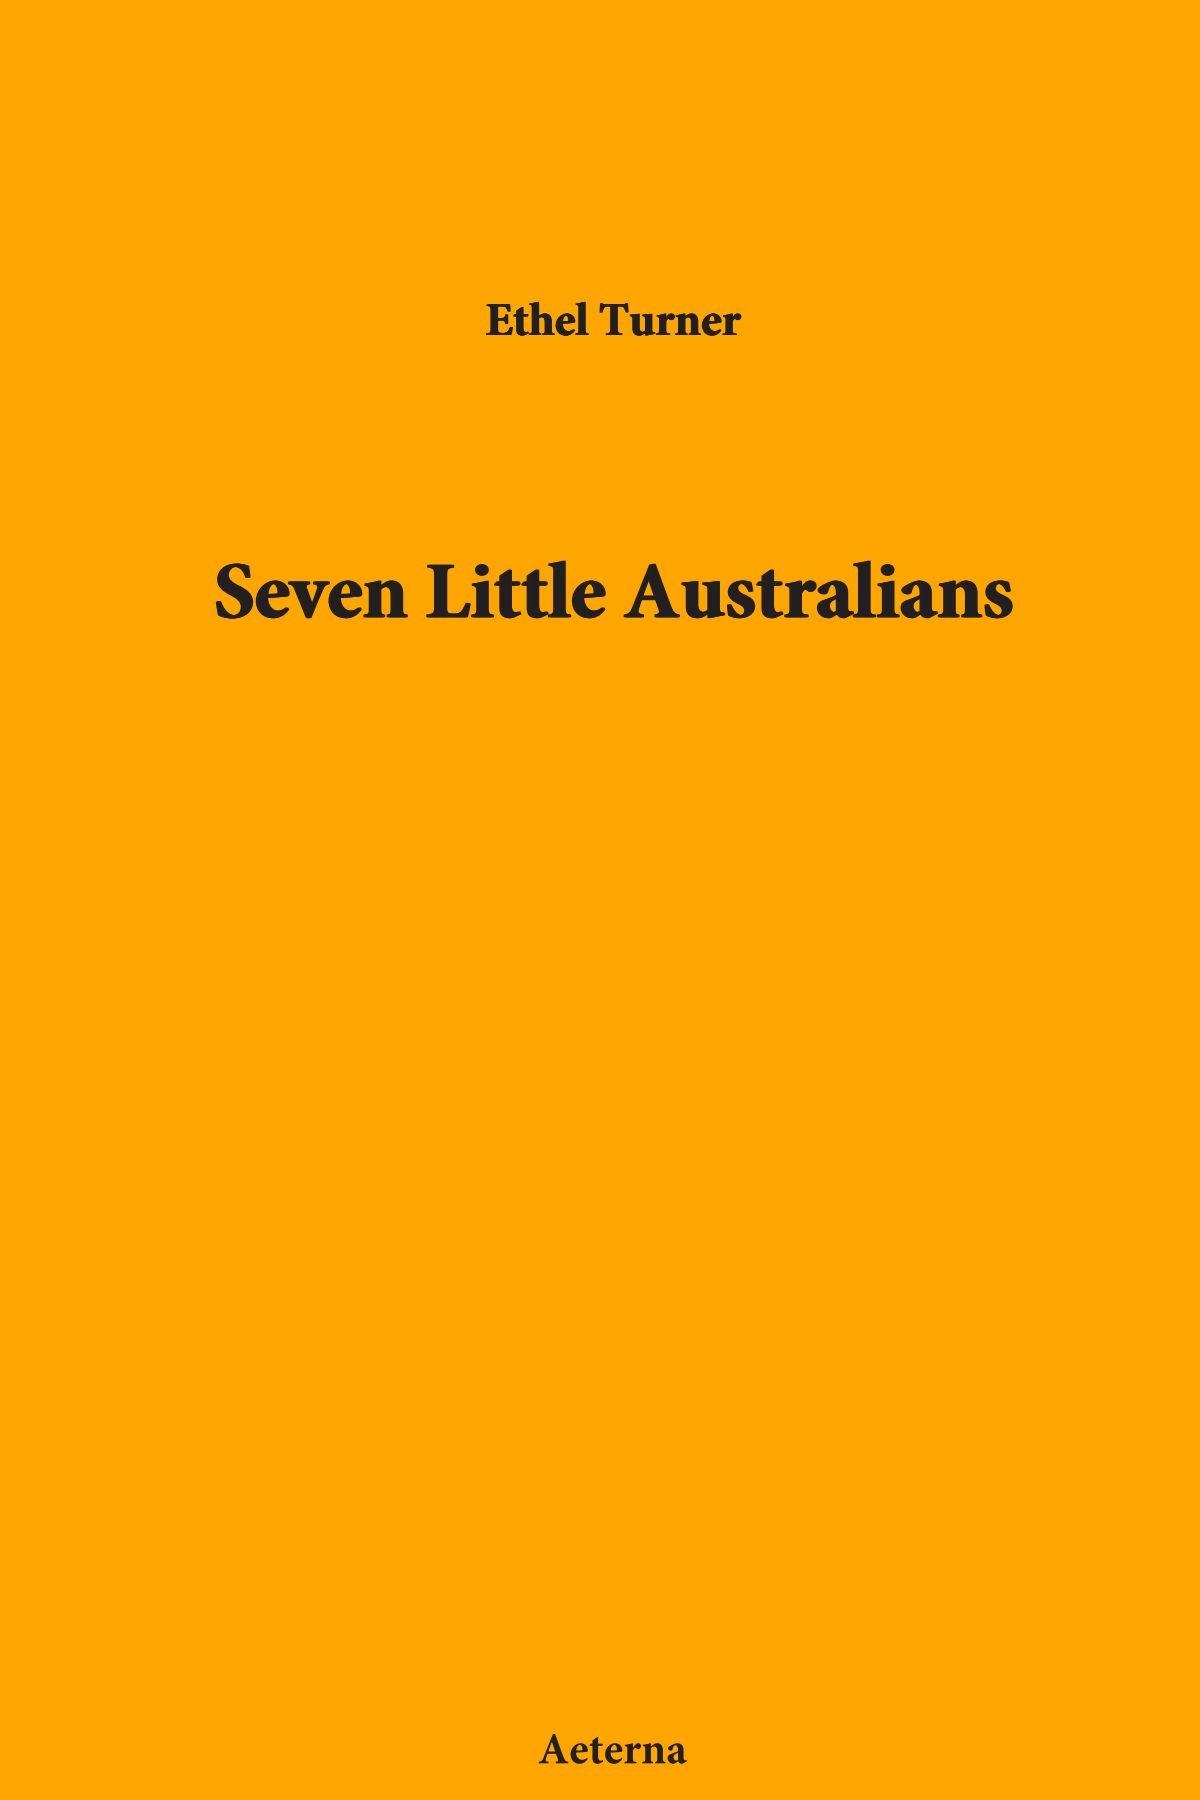 Download Seven Little Australians PDF